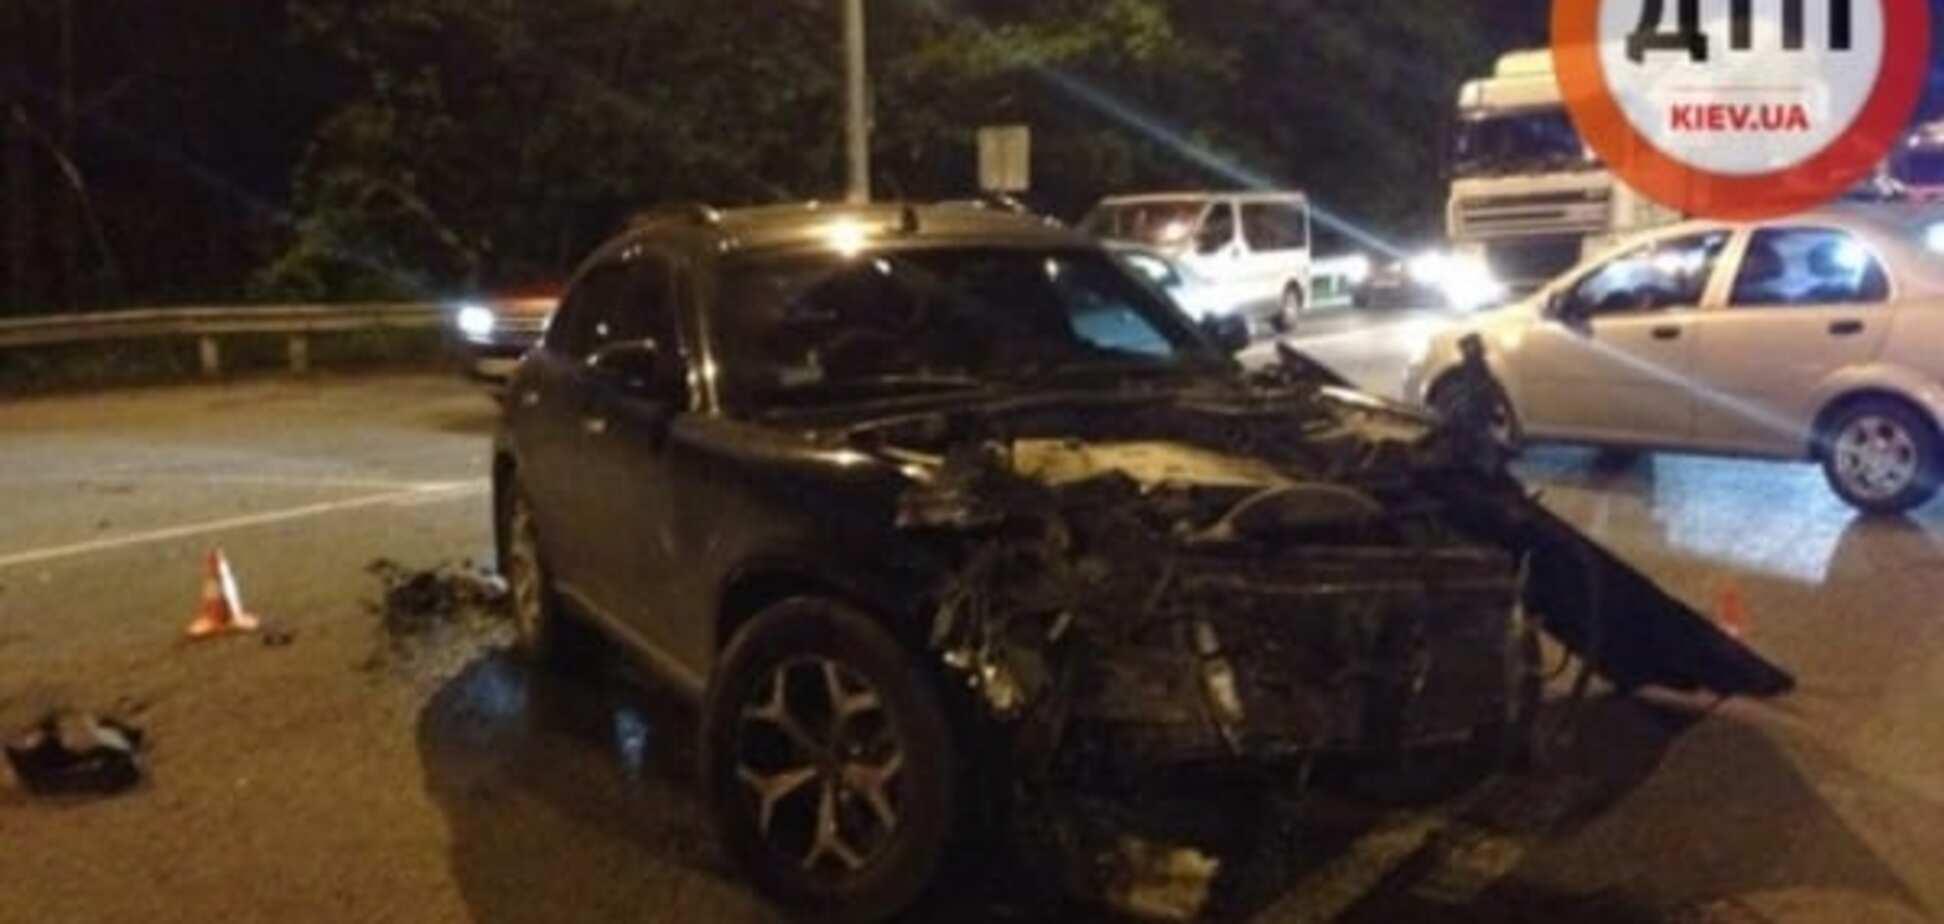 Під Києвом водій на Infiniti з дитиною в салоні протаранив Saab